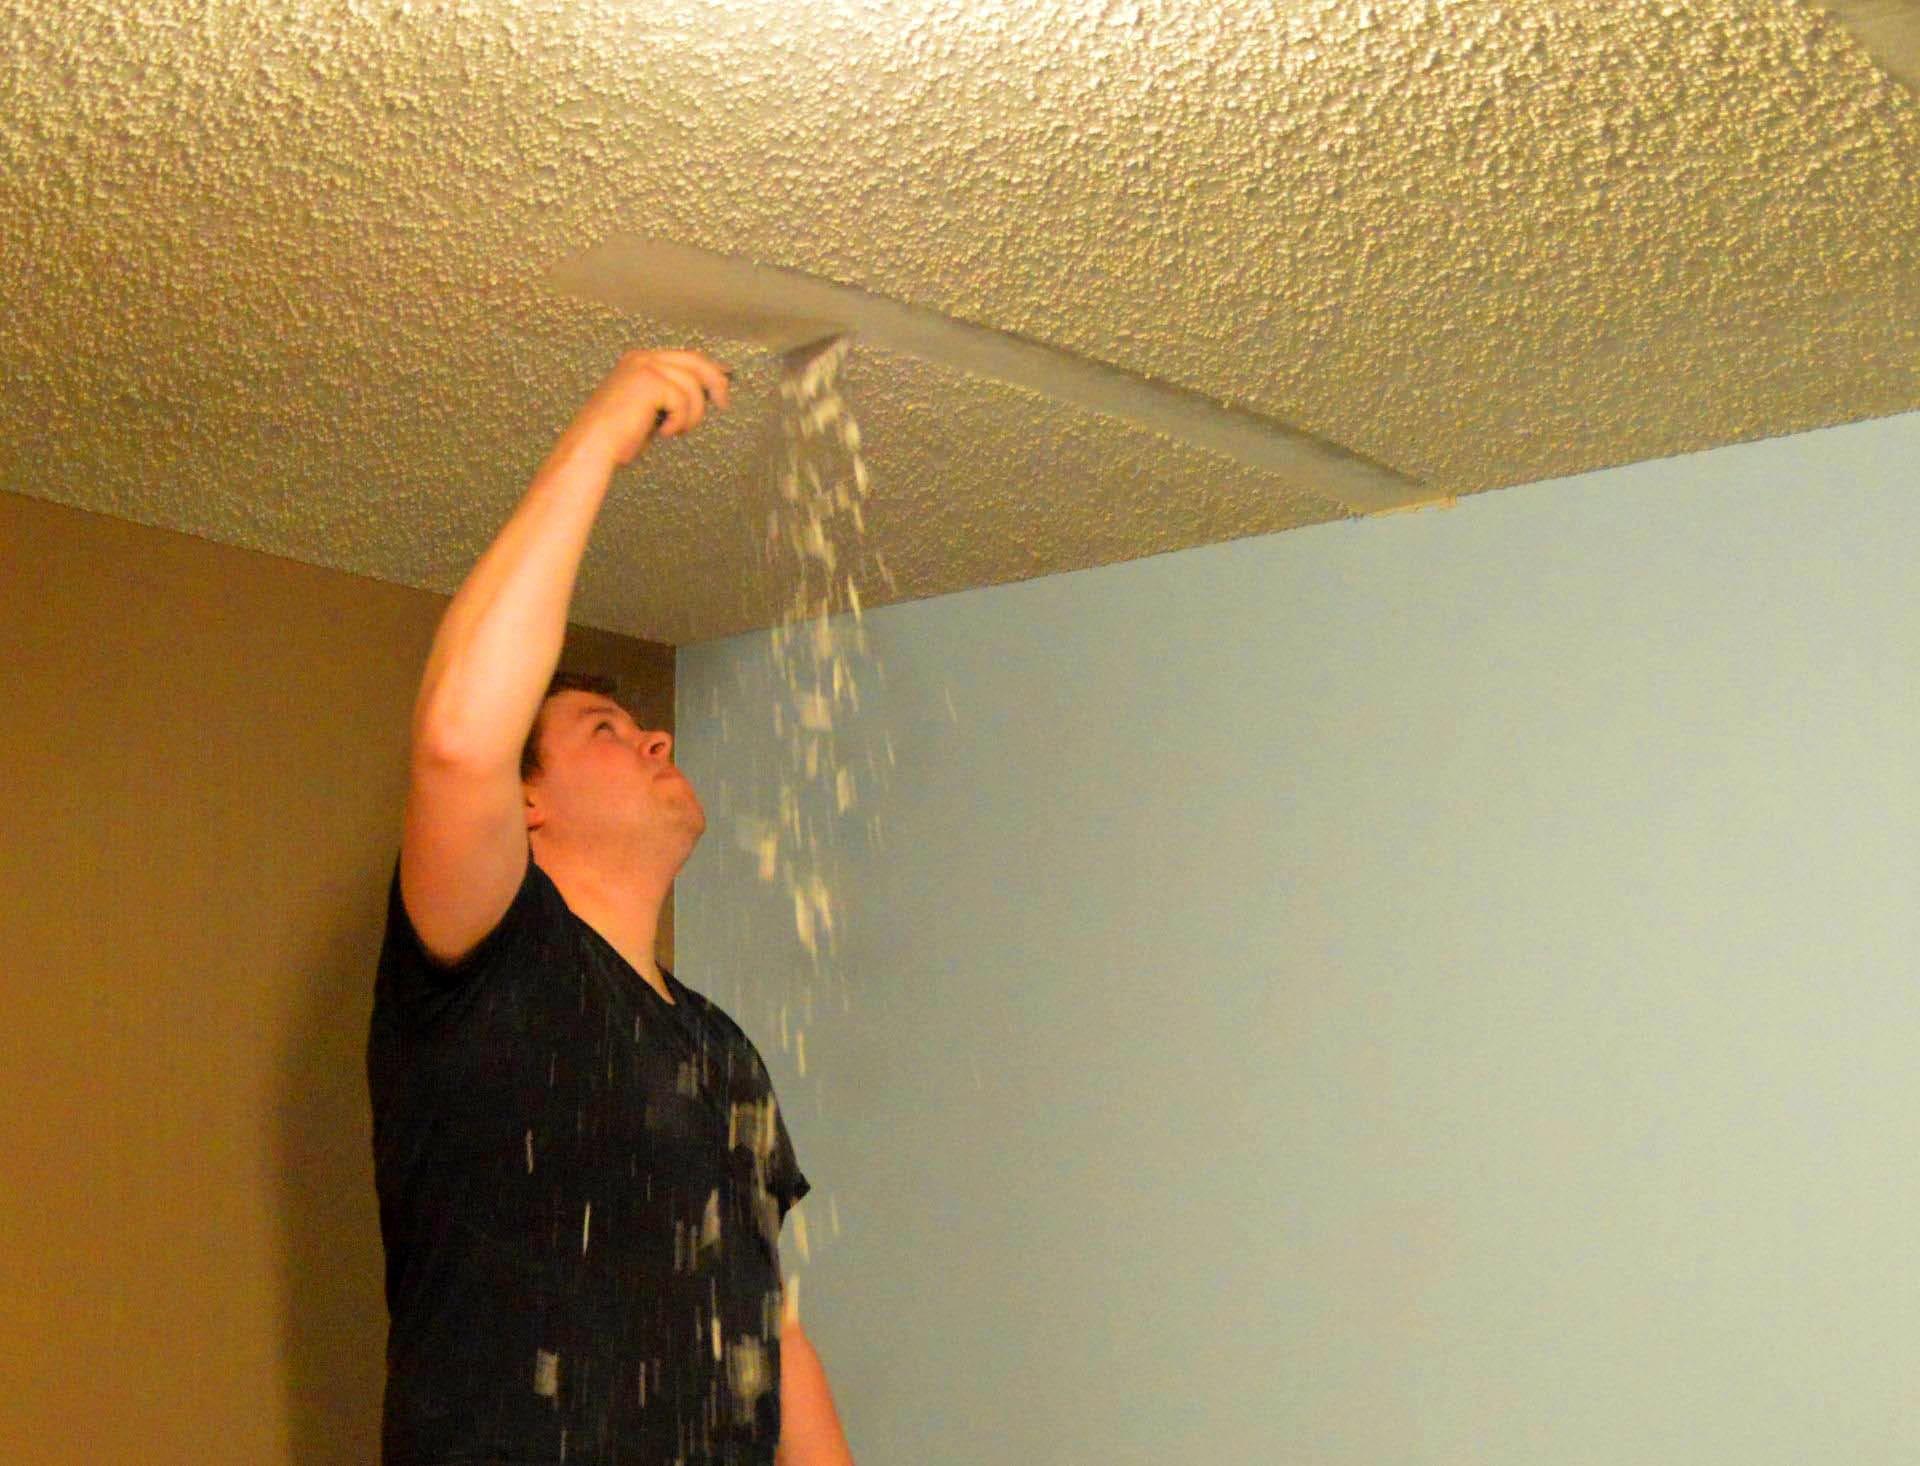 Старое покрытие с потолка лучше снять